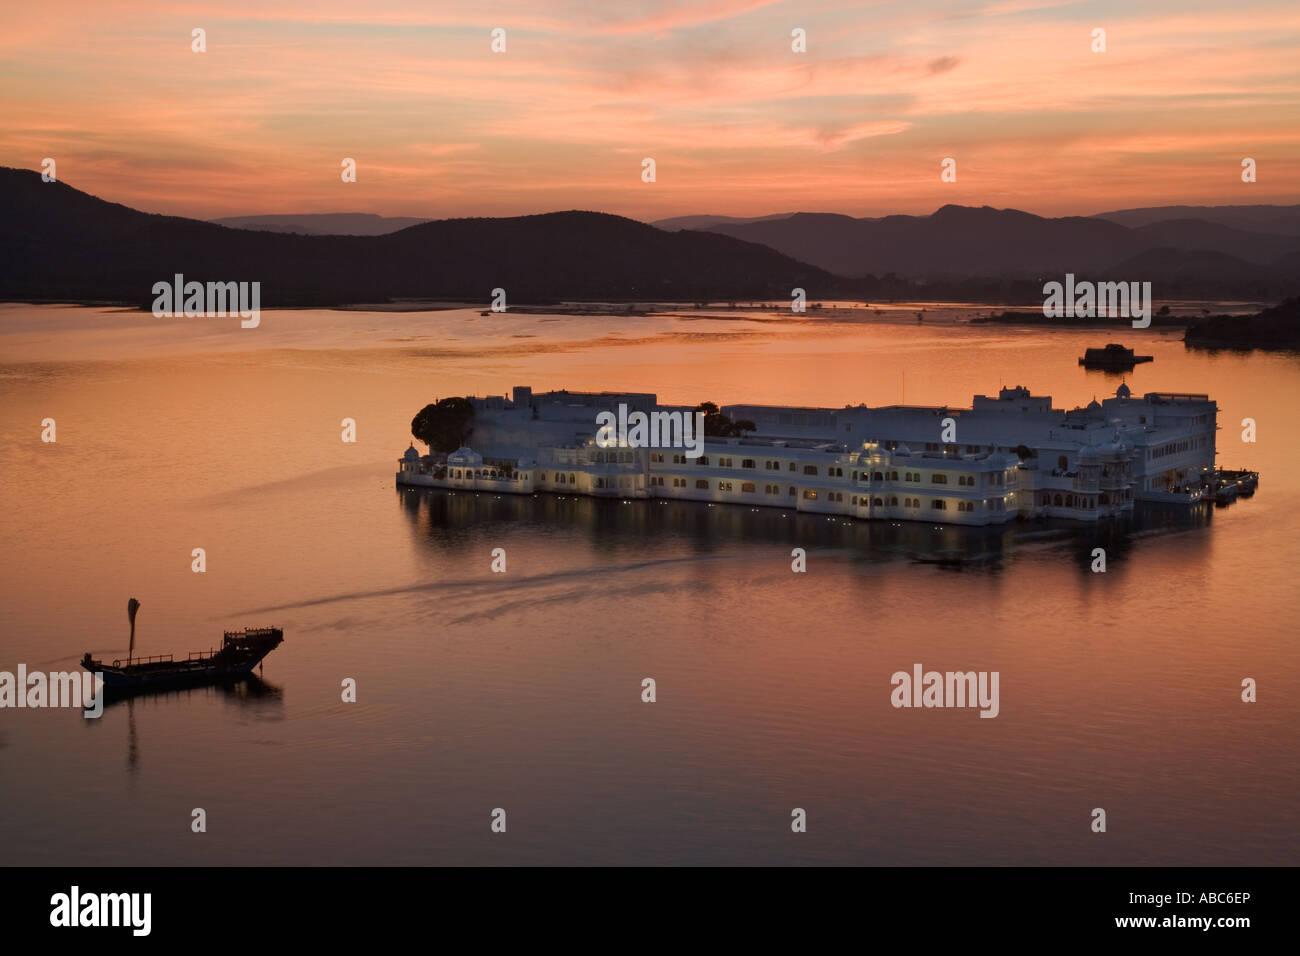 Jag Niwas al atardecer, también conocido como el Lago Palace Hotel. El lago Pichola. Udaipur India Imagen De Stock